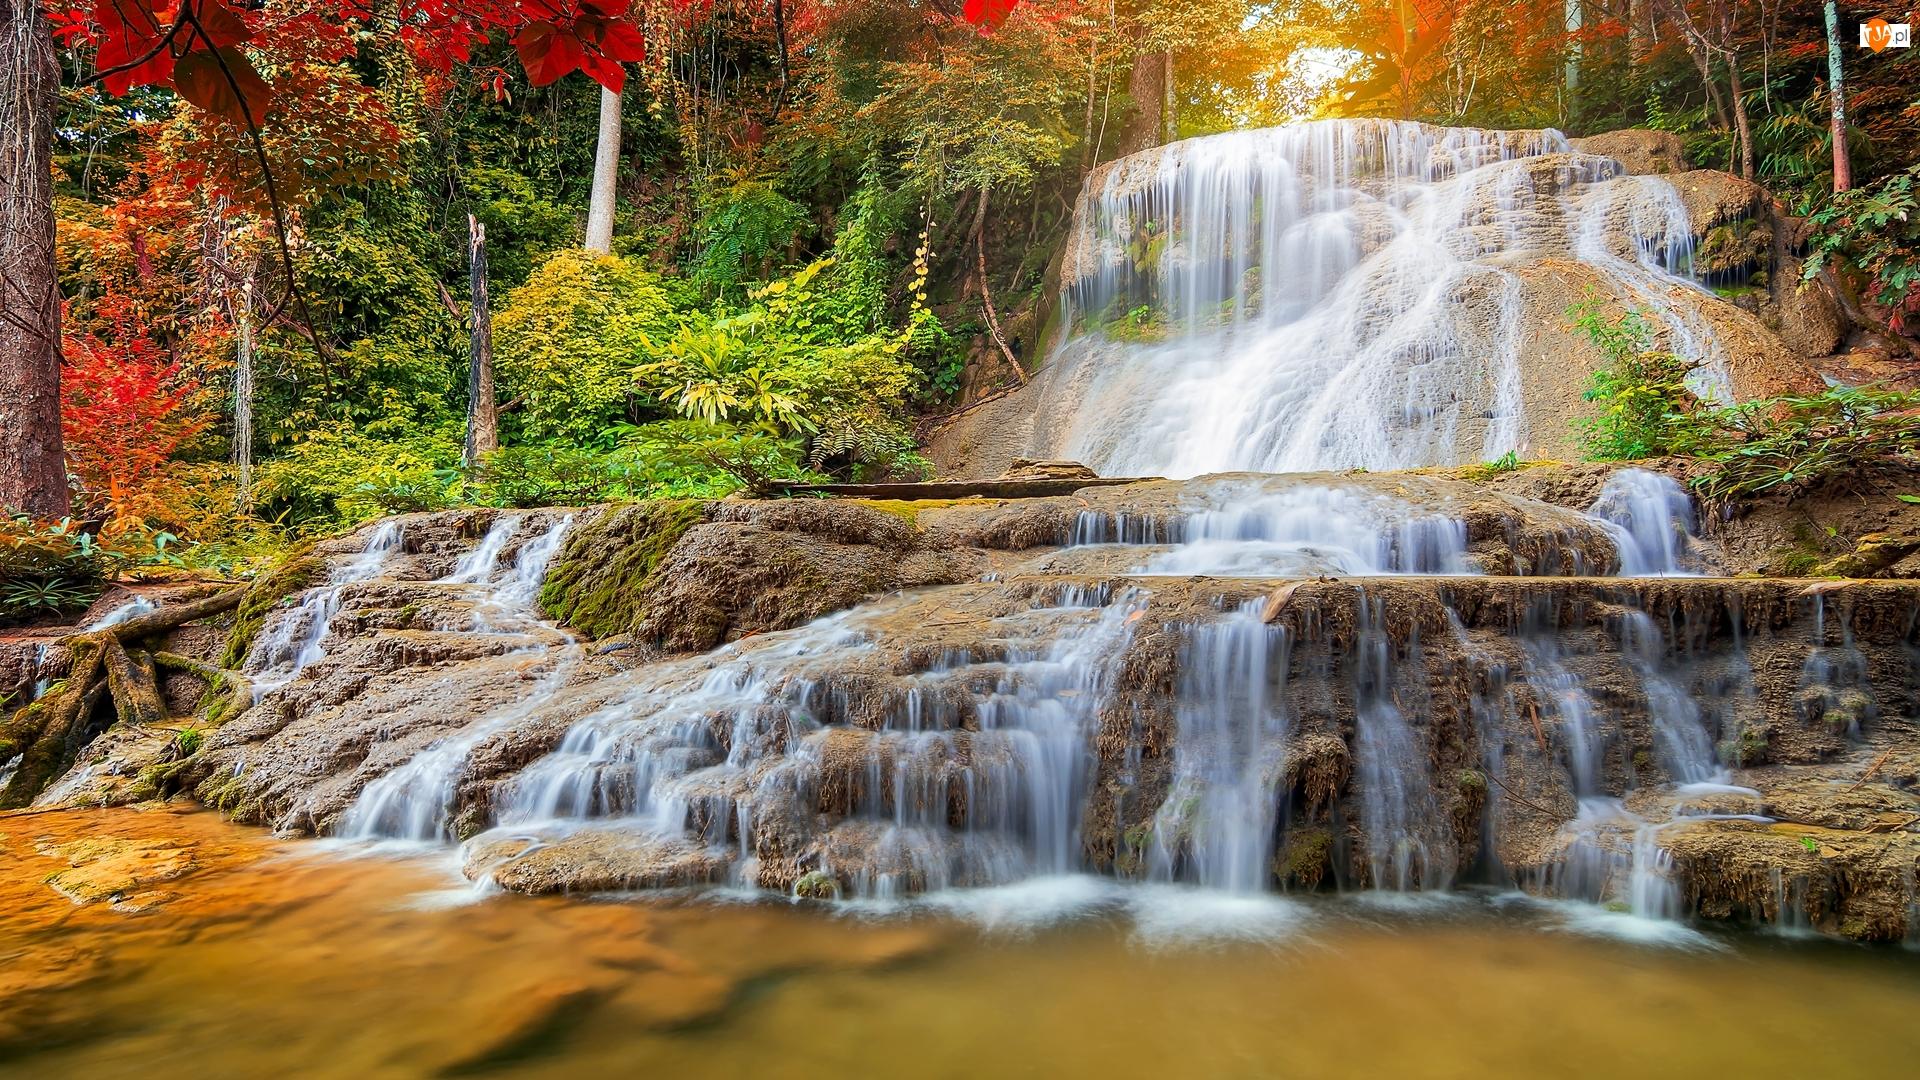 Roślinność, Wodospad, Kaskady, Drzewa